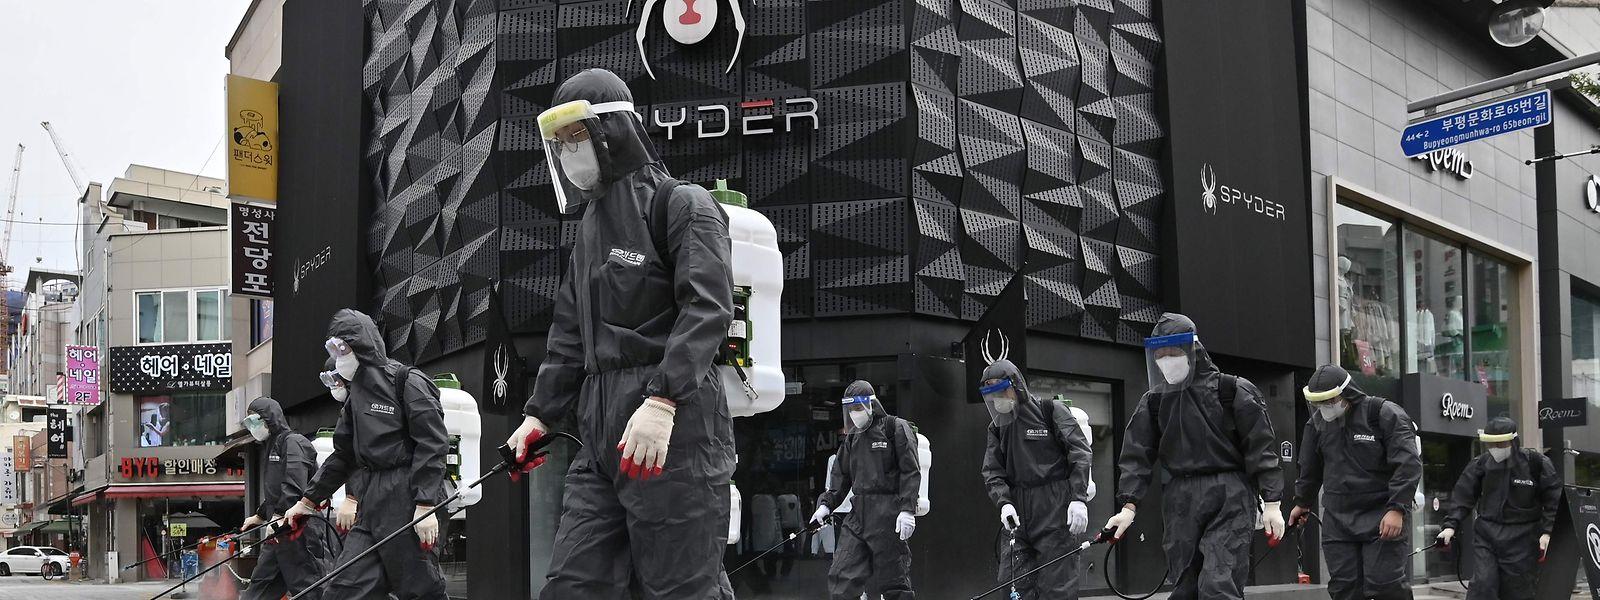 Gesundheitsbeamte in Schutzkleidung versprühen Desinfektionsmittel in der südkoreanischen Stadt Incheon.